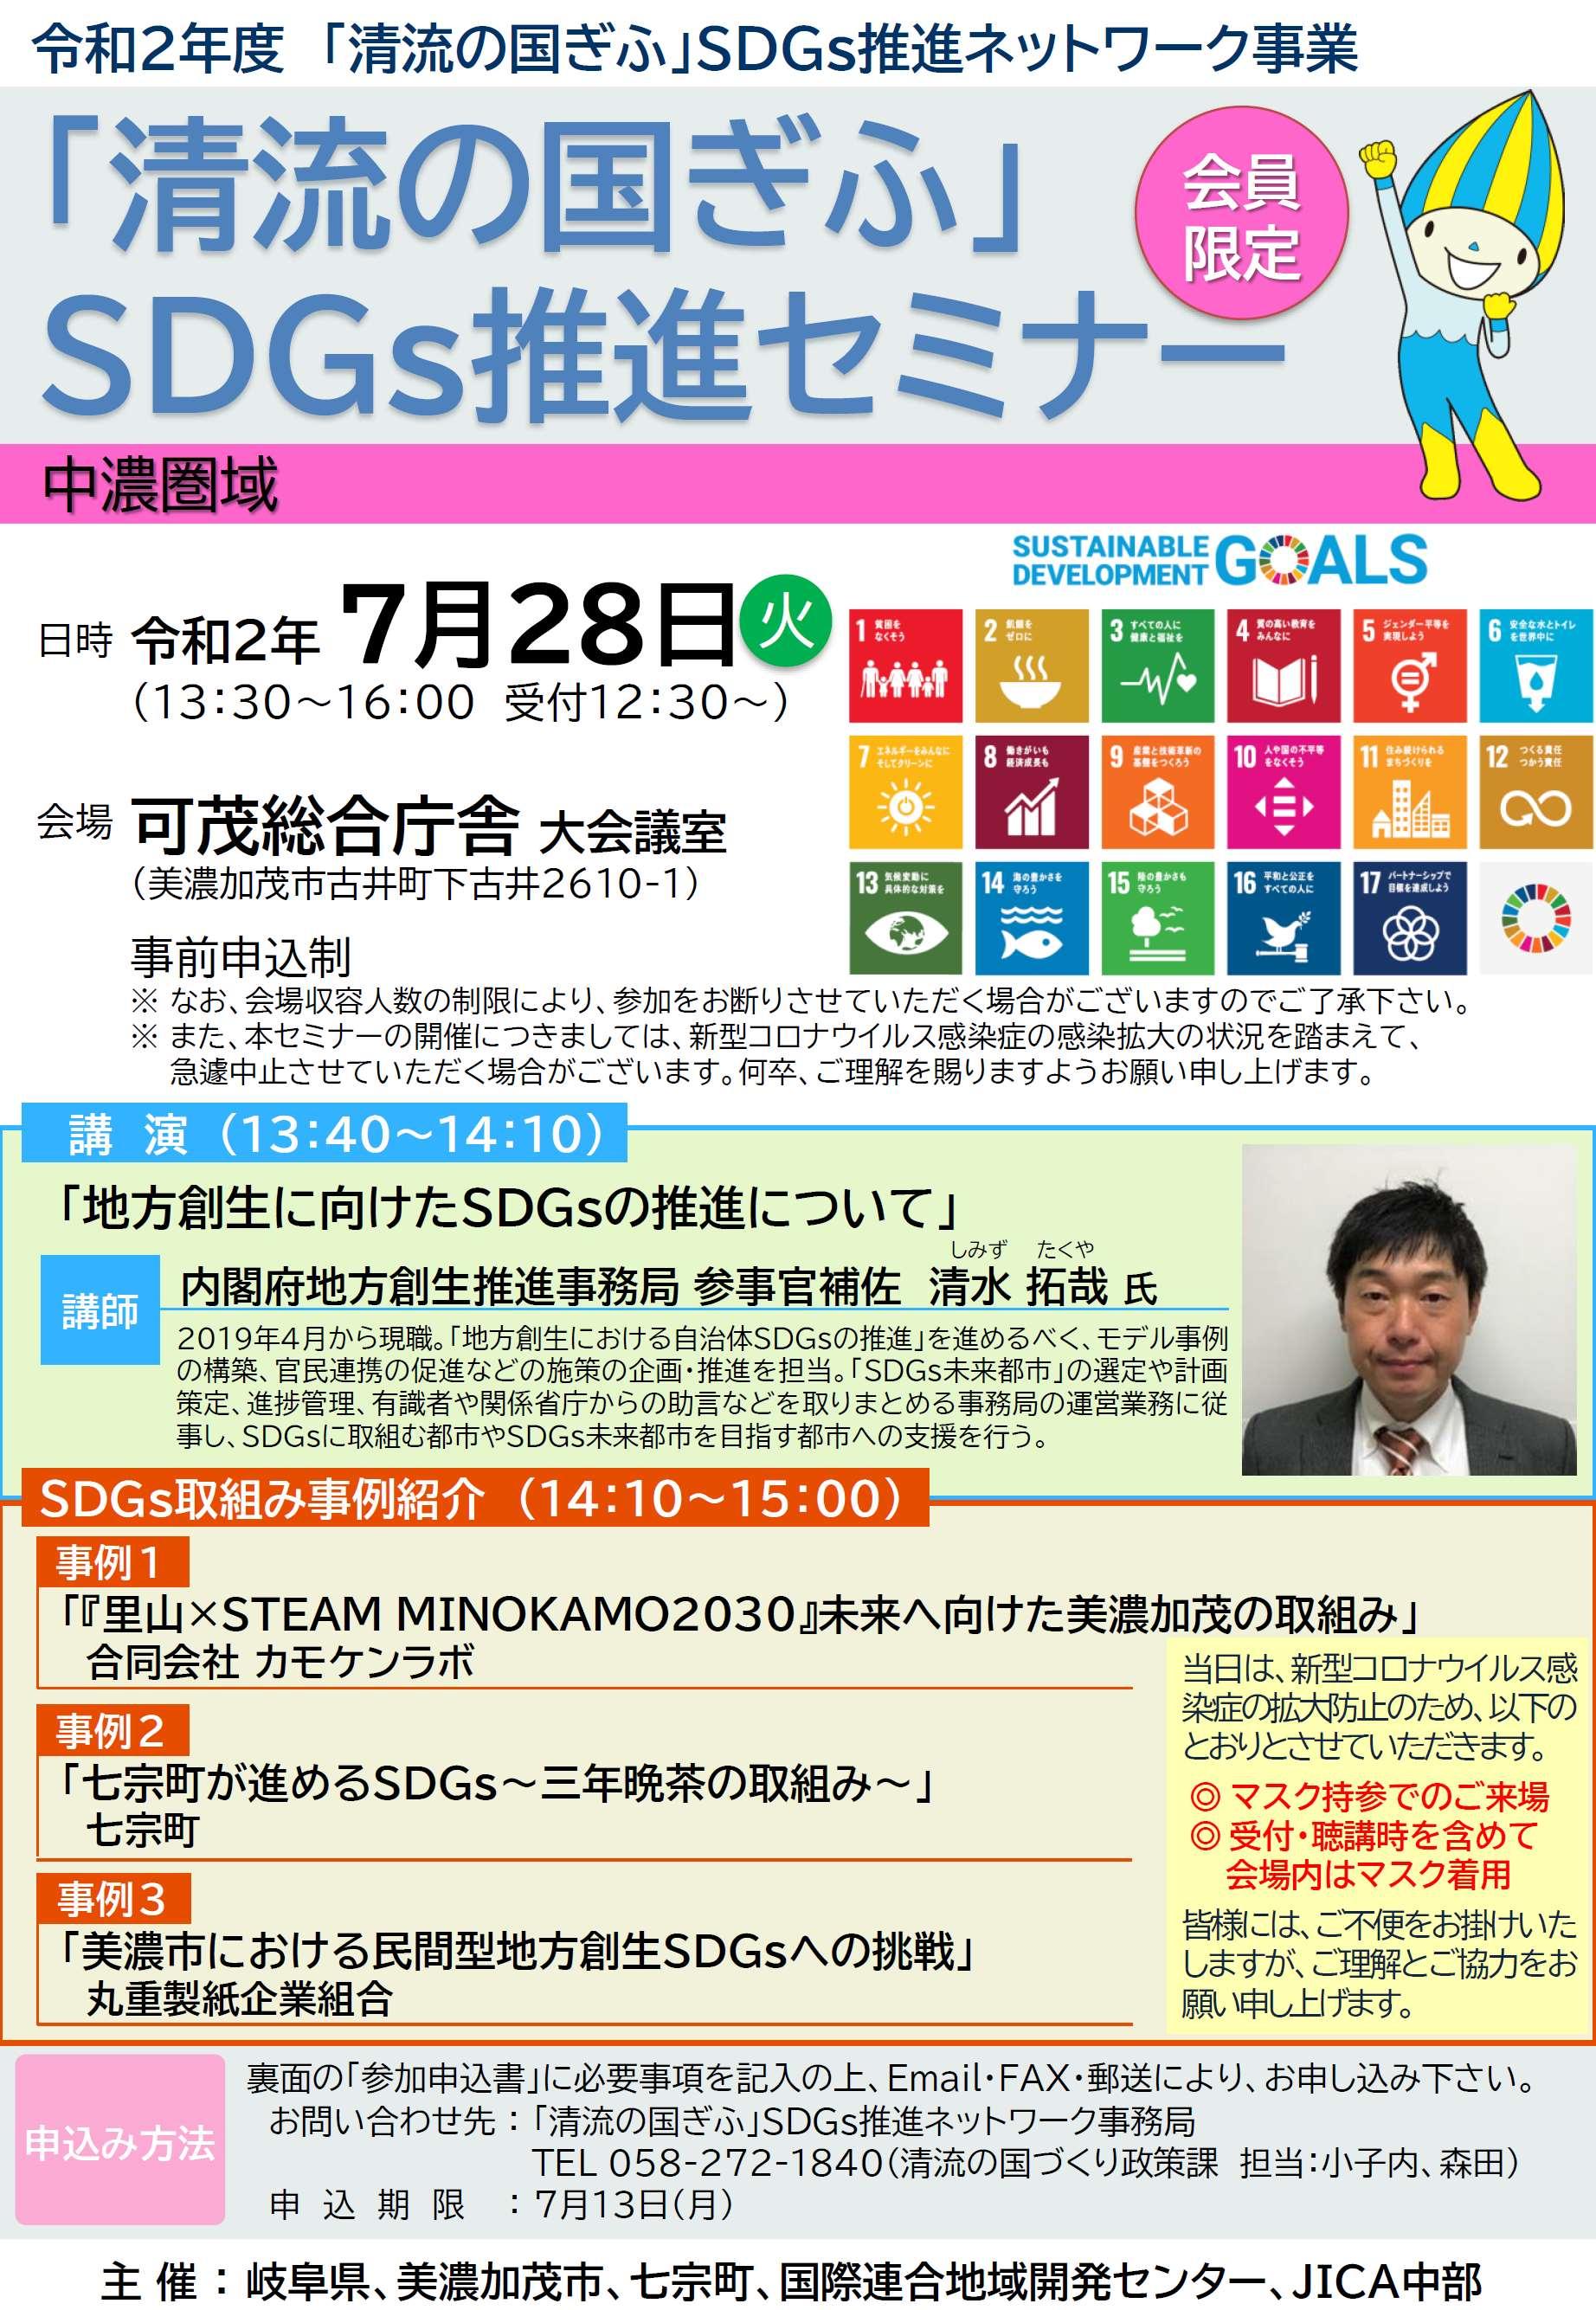 SDGsセミナーとは 研修 取り組み事例 企業版地方創生